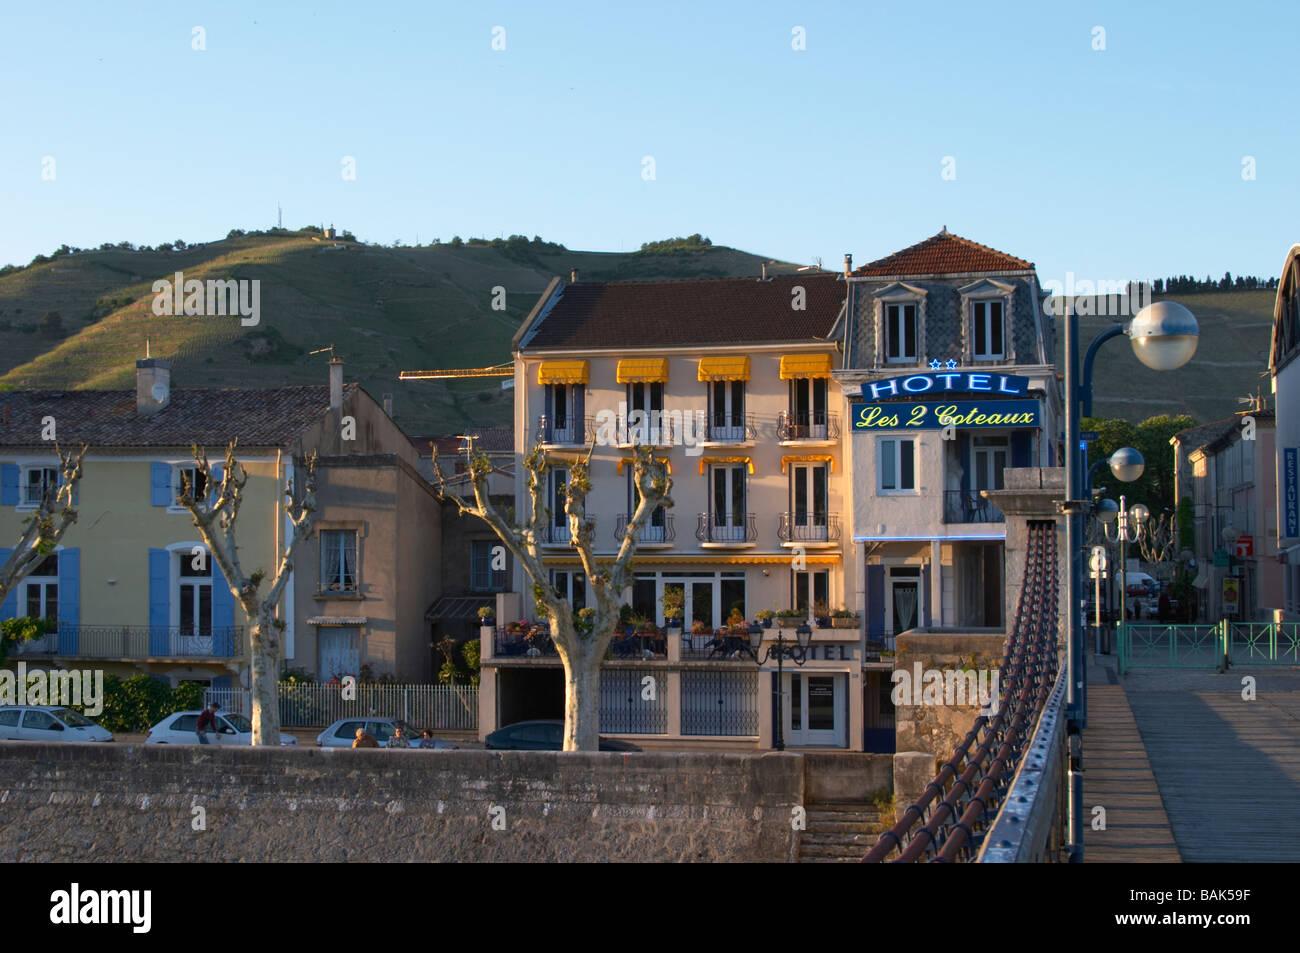 Hotel les deux coteaux tain l hermitage rhone france stock for Les hotels francais